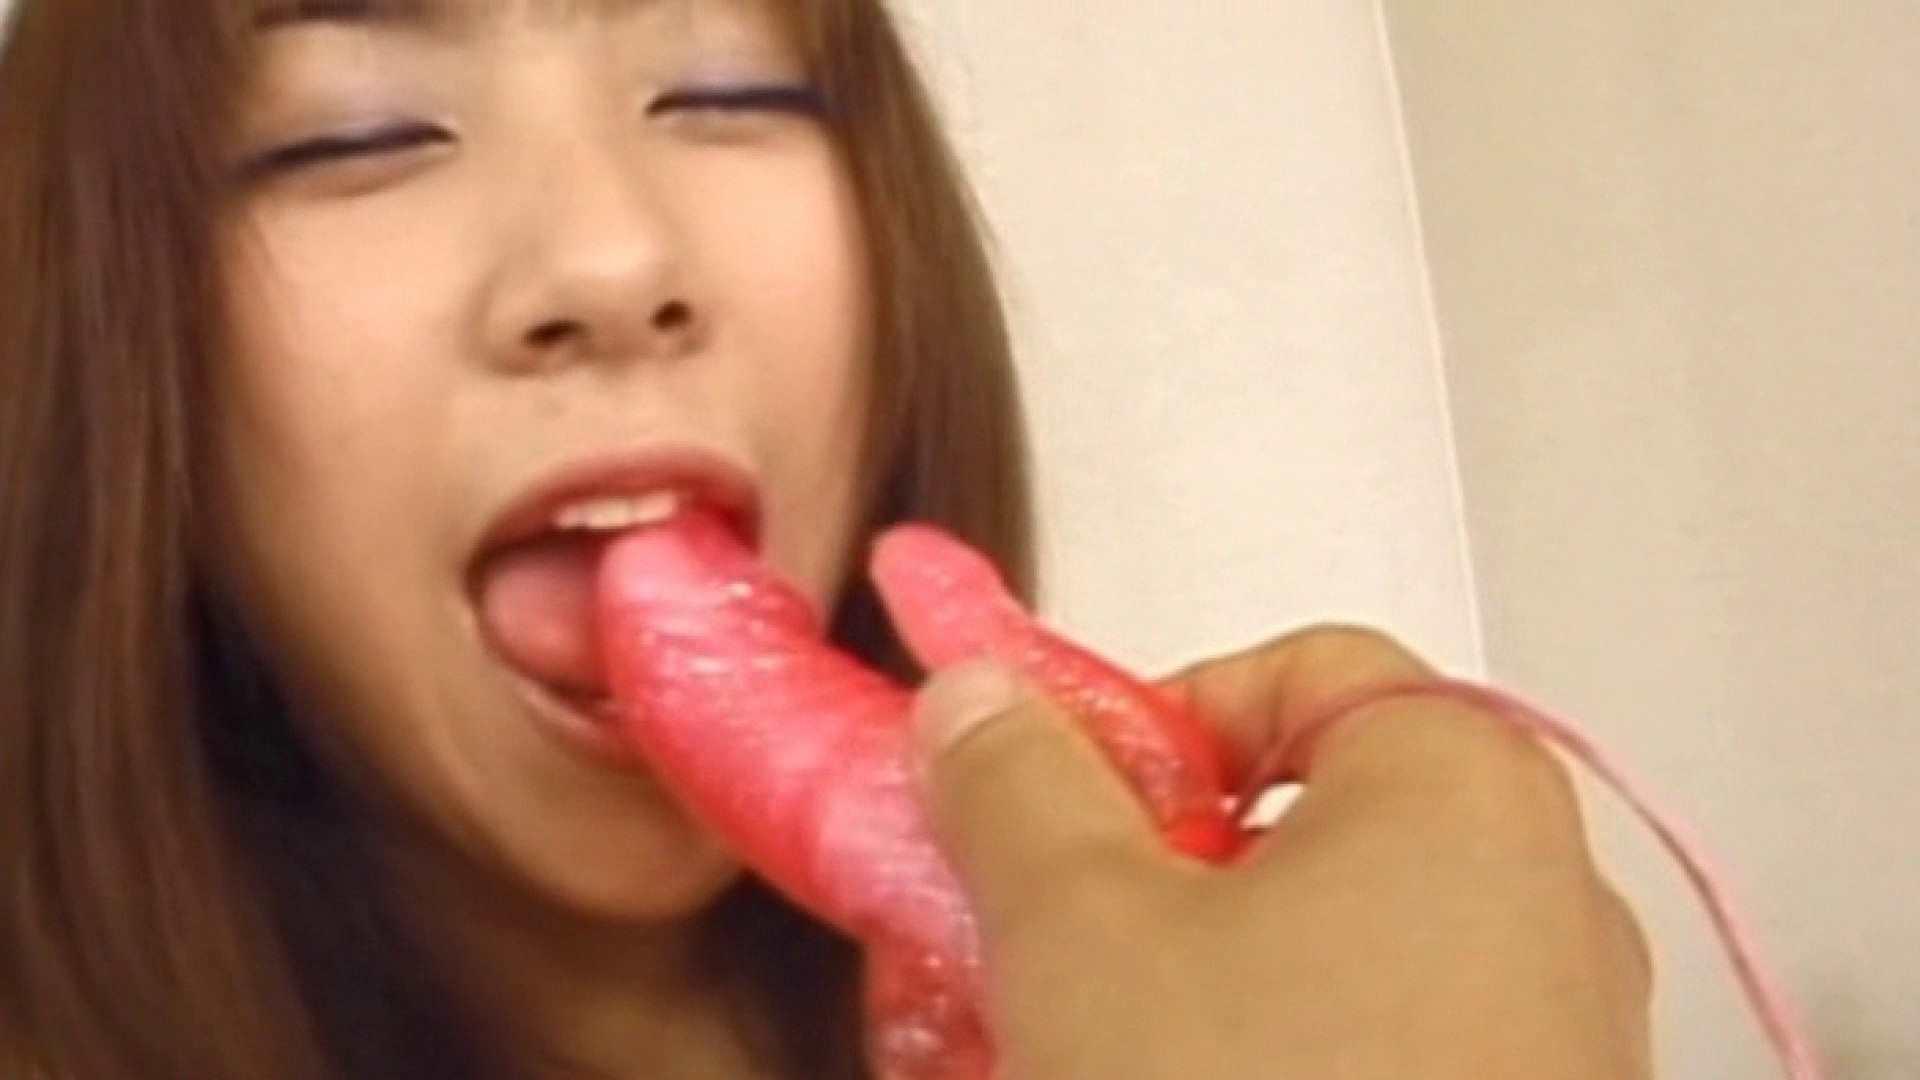 おしえてギャル子のH塾 Vol.14 前編 フェチ エロ画像 80pic 24